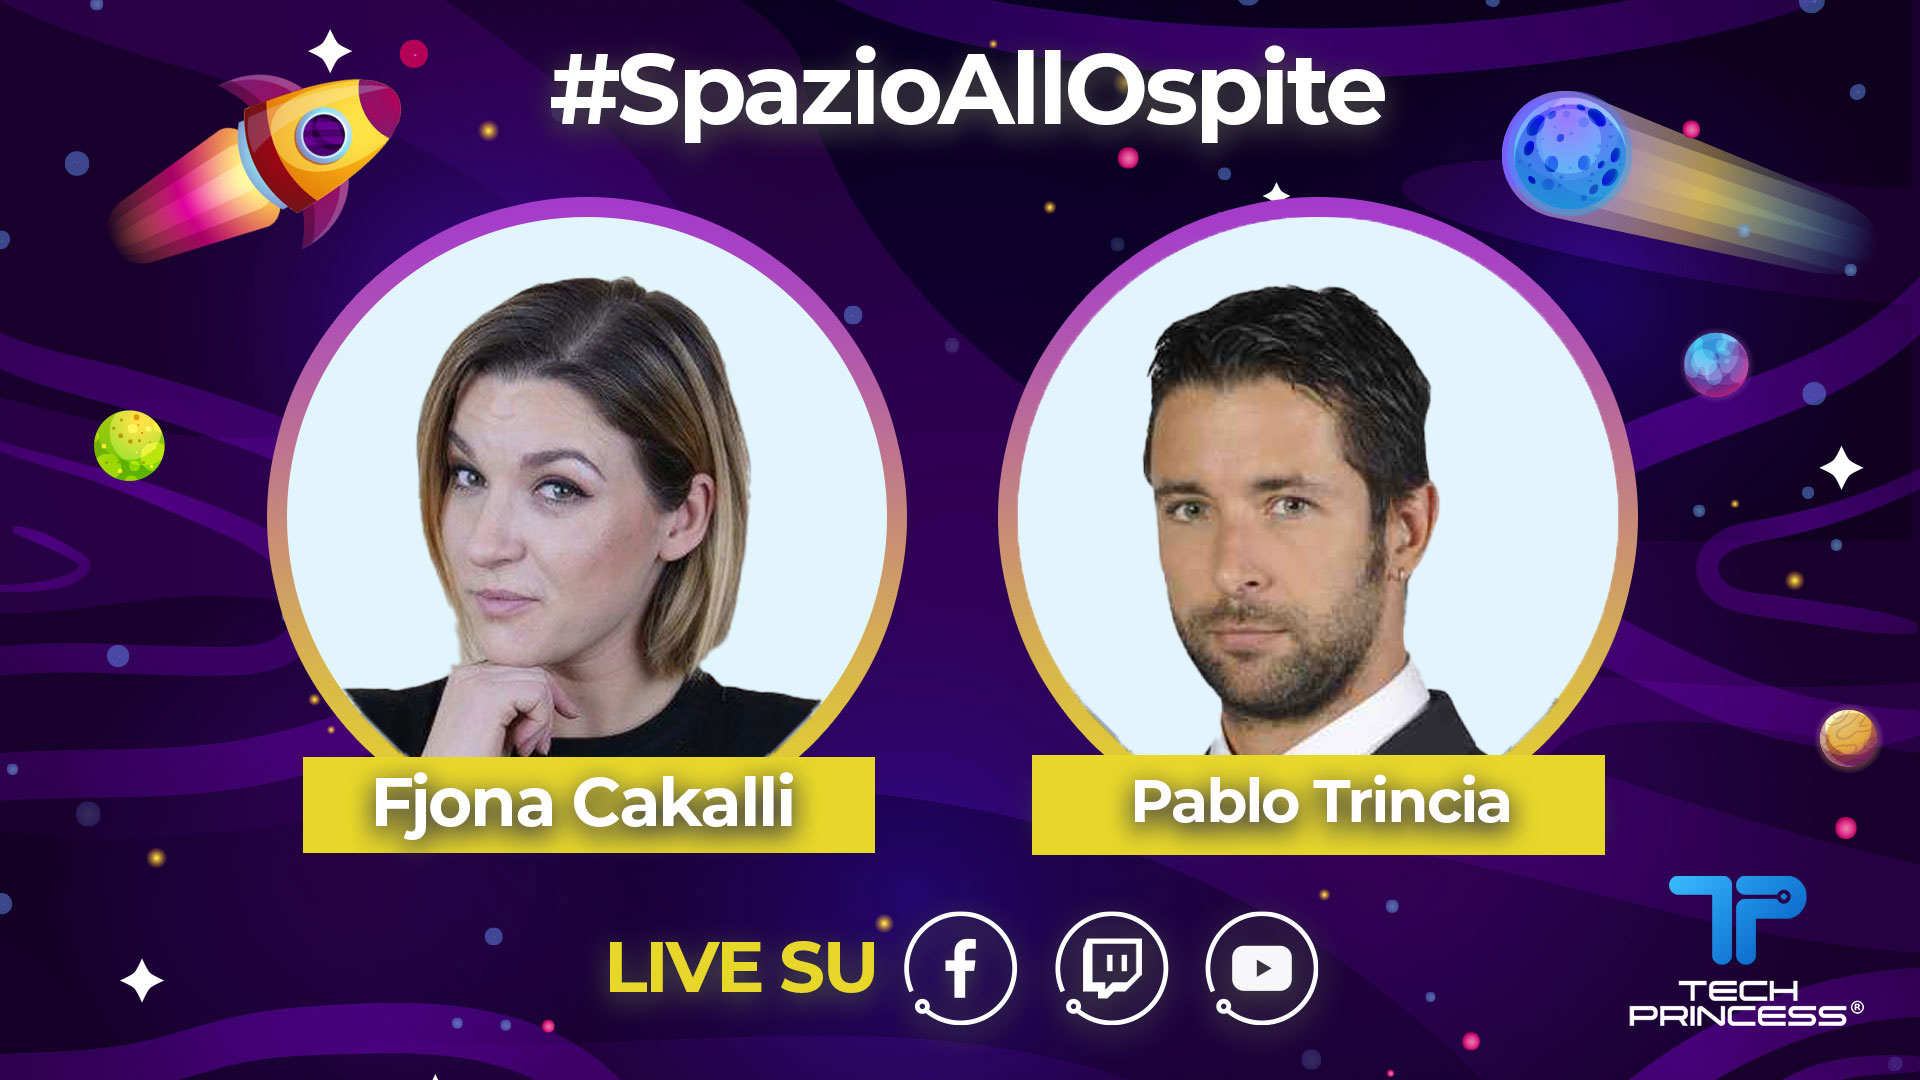 Pablo Trincia: intervista in diretta venerdì 1 maggio ore 18.00 | #SpazioAllOspite thumbnail